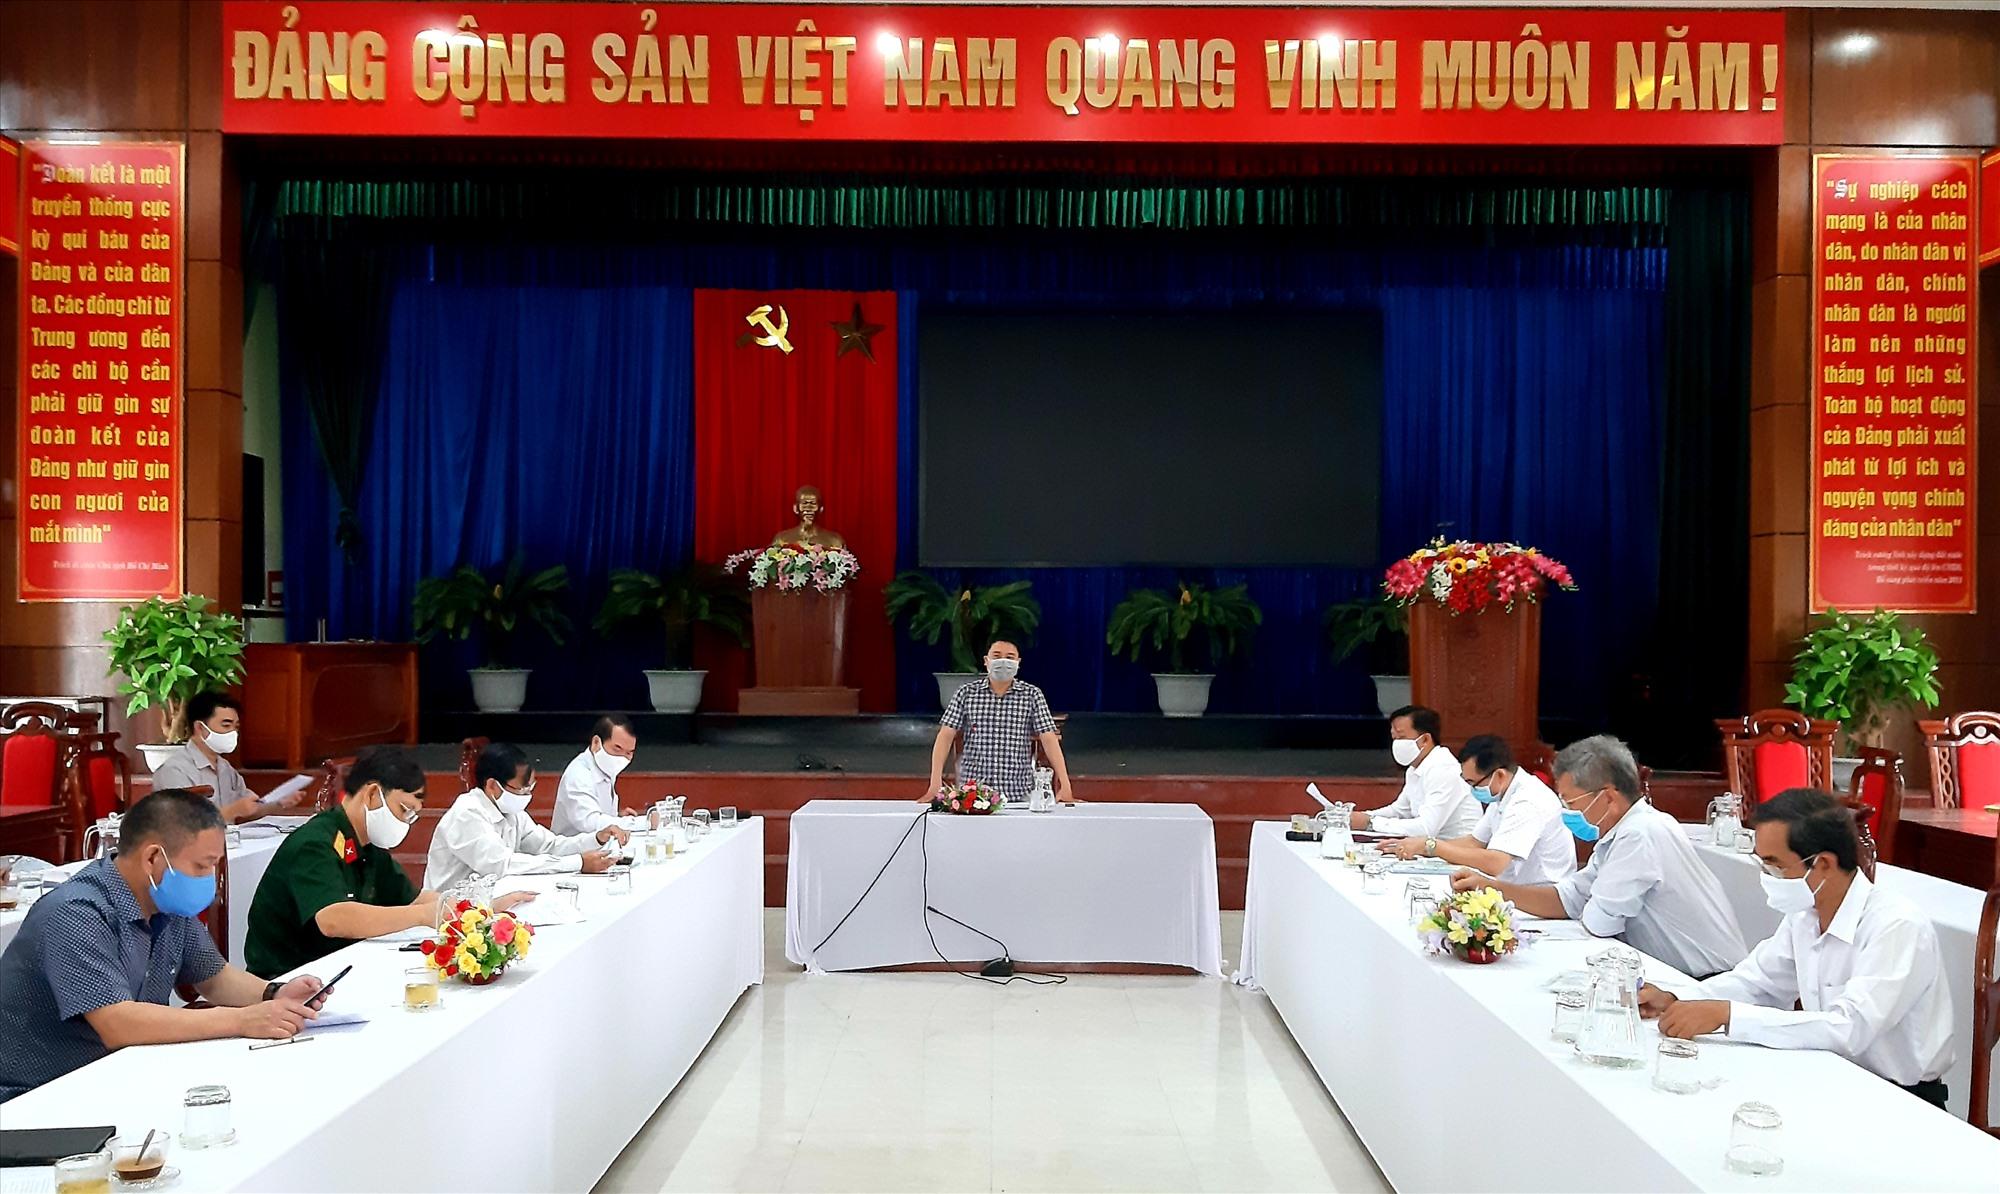 Phó Chủ tịch UBND tỉnh Trần Văn Tân phát biểu tại cuộc làm việc với lãnh đạo huyện Quế Sơn.     Ảnh: VĂN SỰ